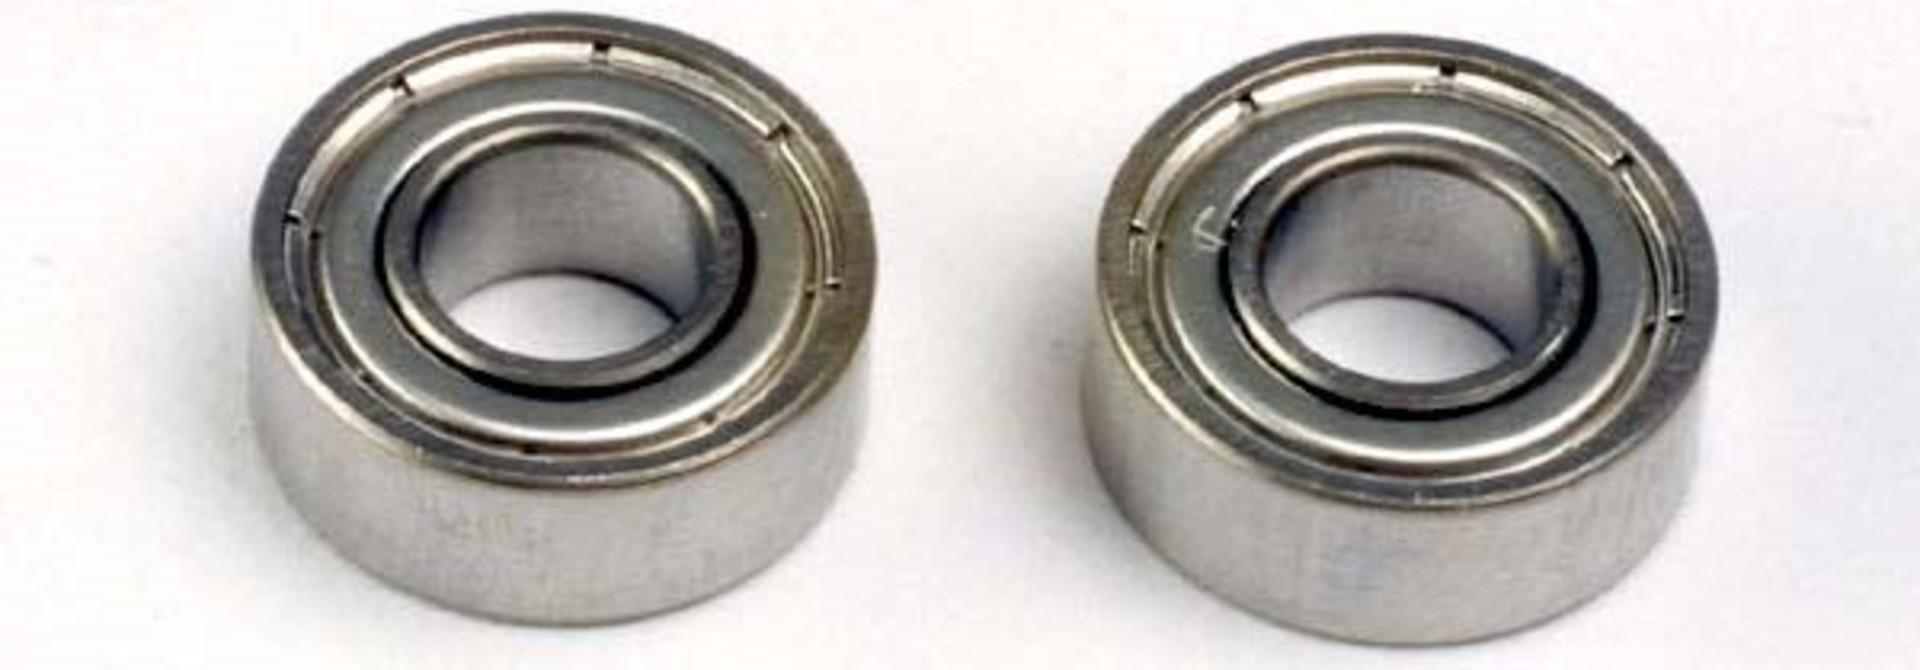 Ball bearings (5x11x4mm) (2), TRX4611